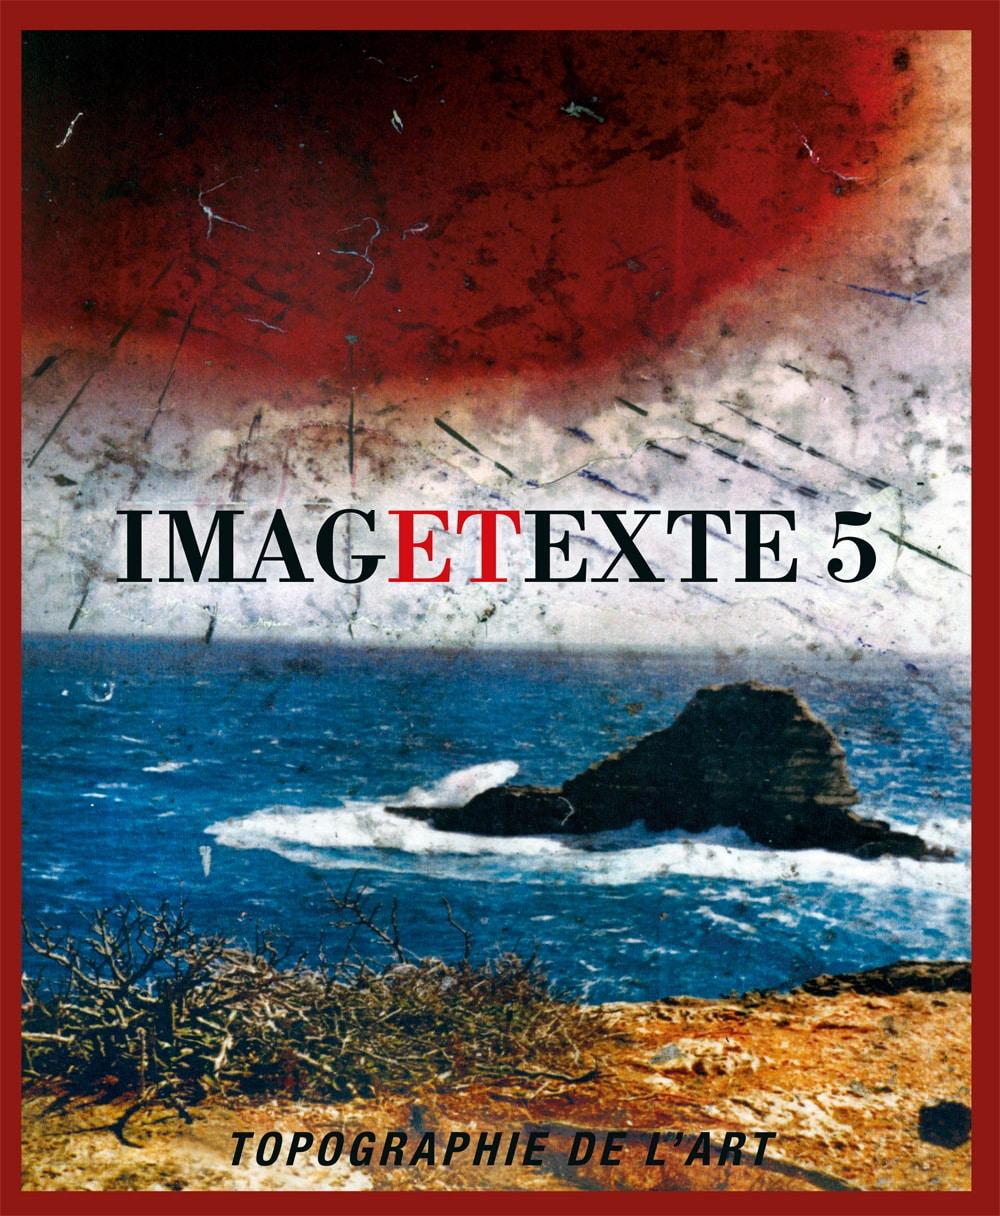 Topographie de l'art – Imagetexte 5